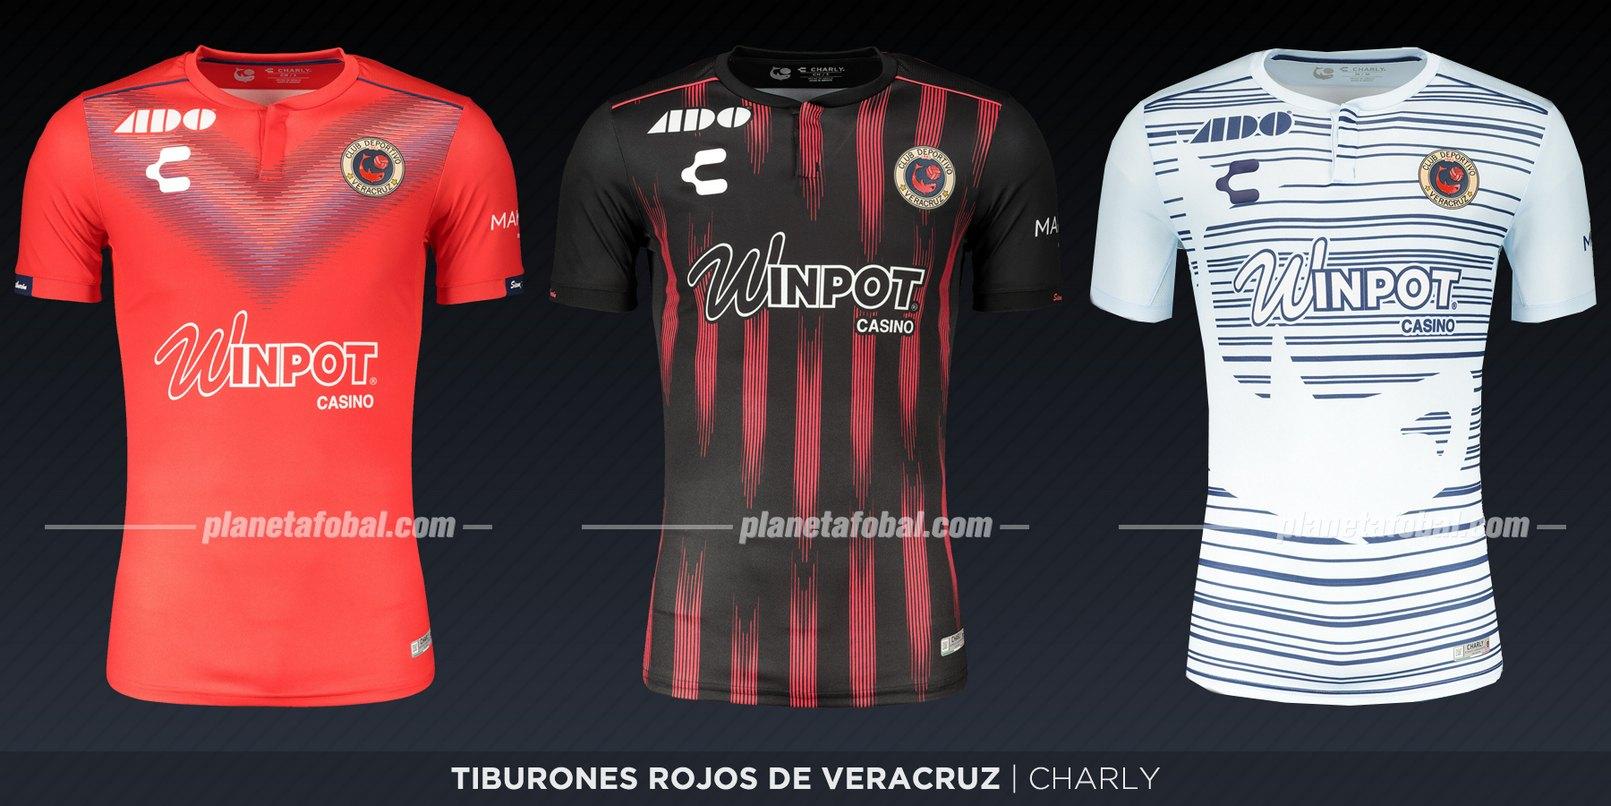 Veracruz (Charly) | Camisetas de la Liga MX 2019-2020